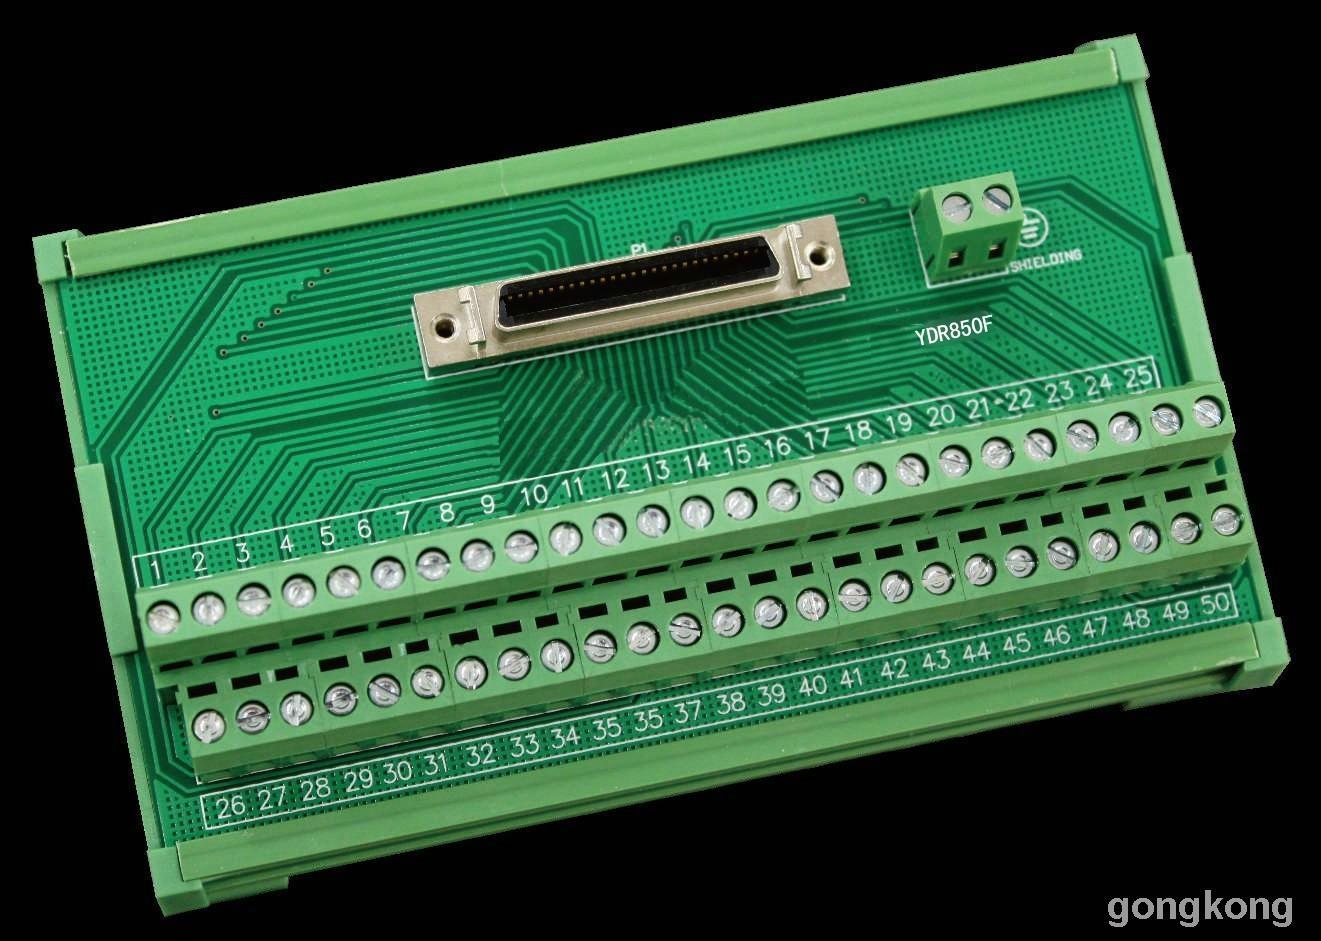 端子台  继电器模组块 三洋模组块 三菱模组块YDR850F